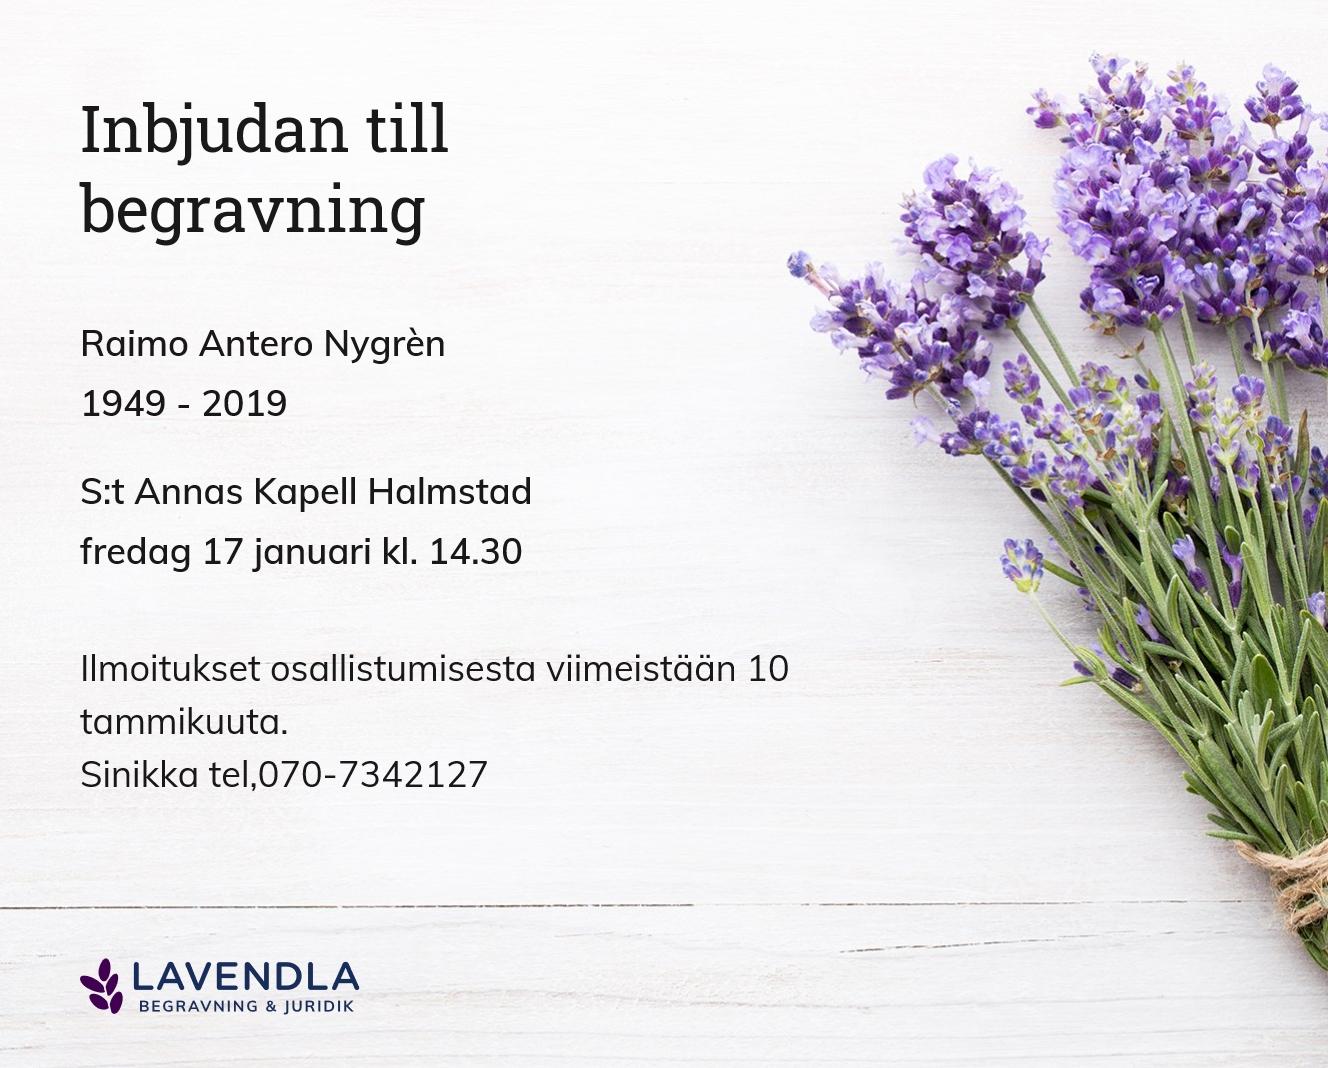 Inbjudningskort till ceremonin för Raimo Antero Nygrèn